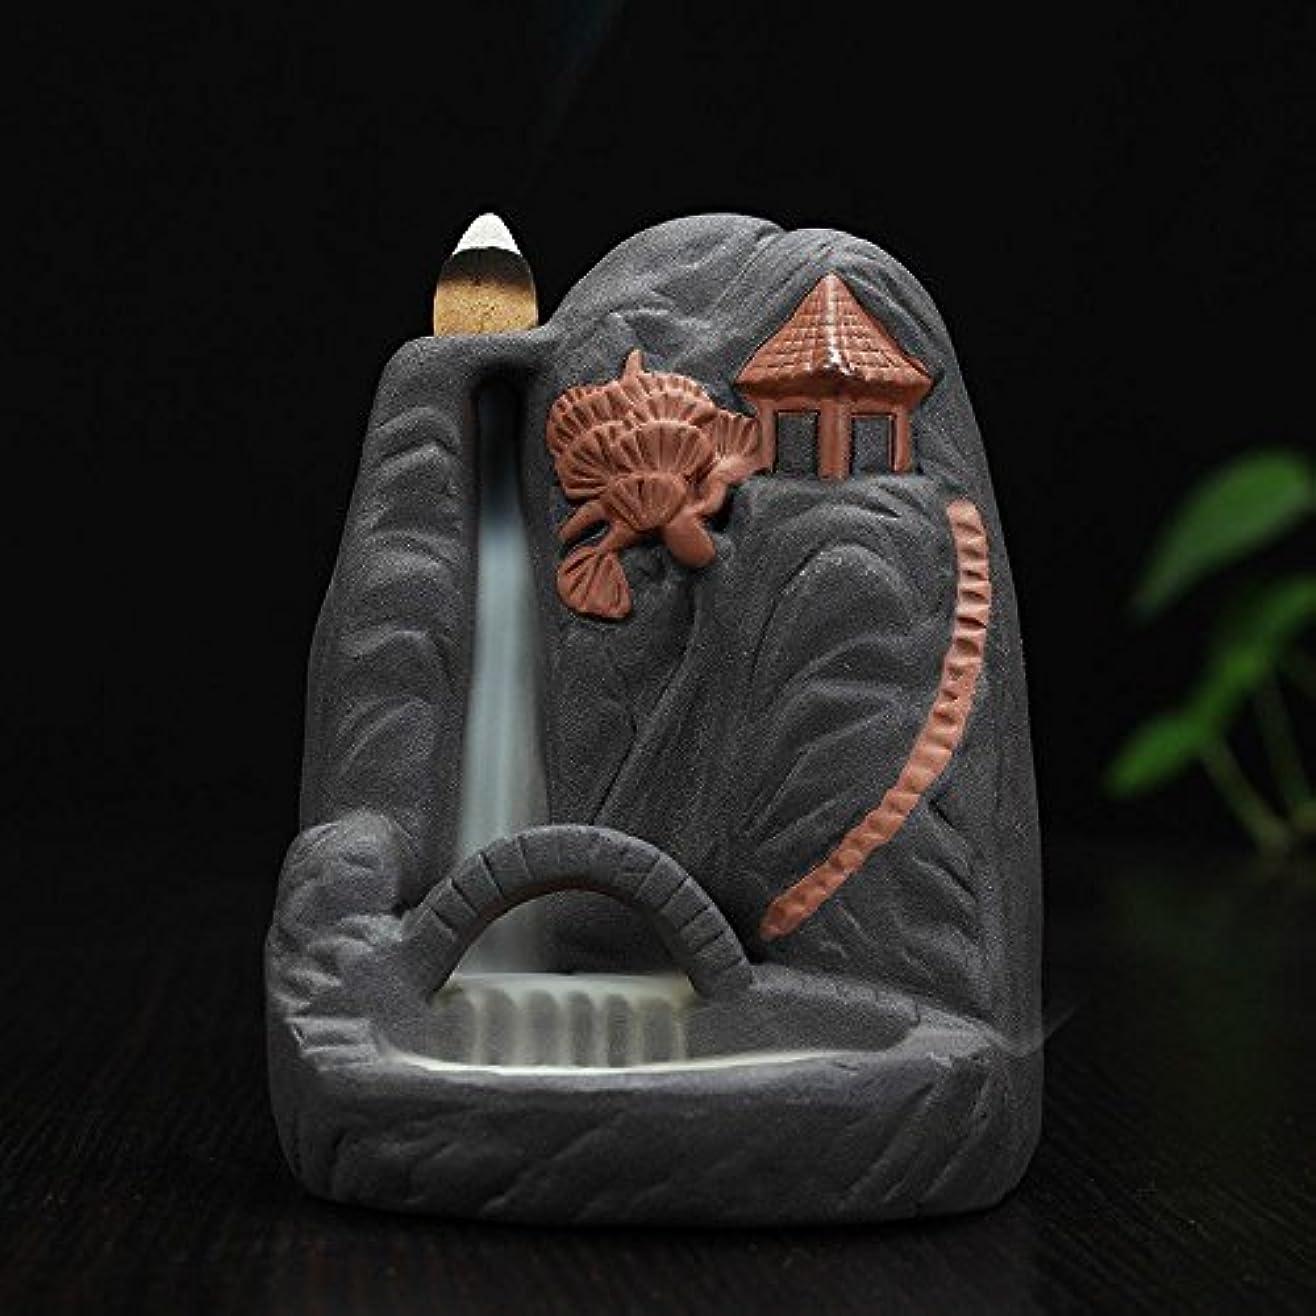 硬さ含める産地セラミック芸術品や工芸品のクリエイティブBackflow Incense Burner Incense川ホルダー – Superimposedブリッジホームオフィス装飾オーナメント